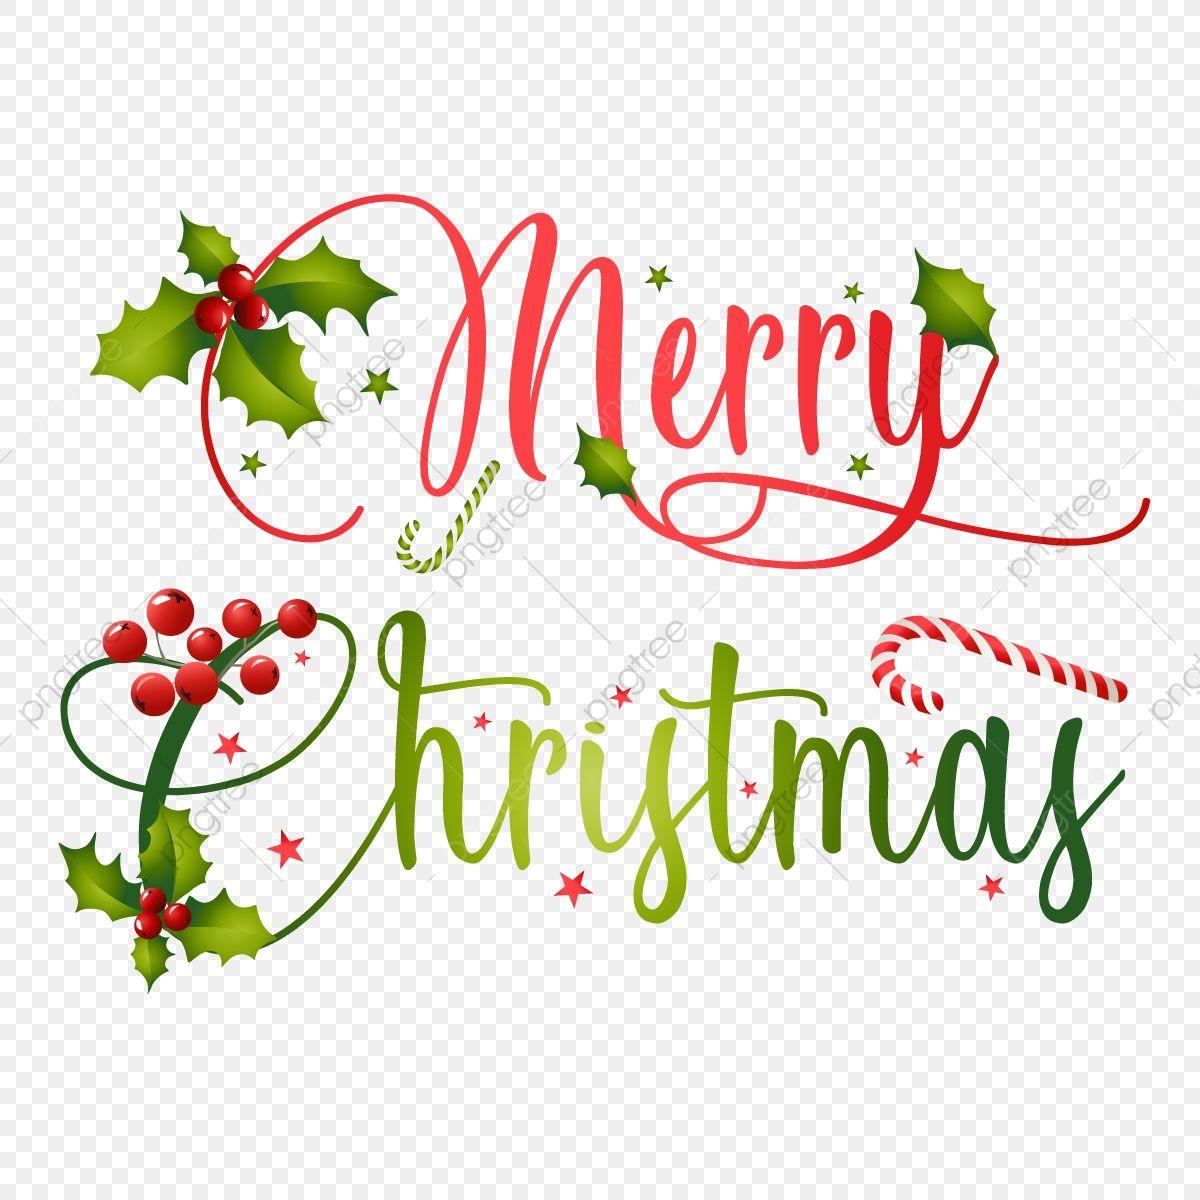 Tipografia De Feliz Navidad Con Elementos Creativos De Navidad Feliz Navidad Clipart Feliz Navidad Deseos Png Y Vector Para Descargar Gratis Pngtree Merry Christmas Typography Christmas Typography Creative Christmas